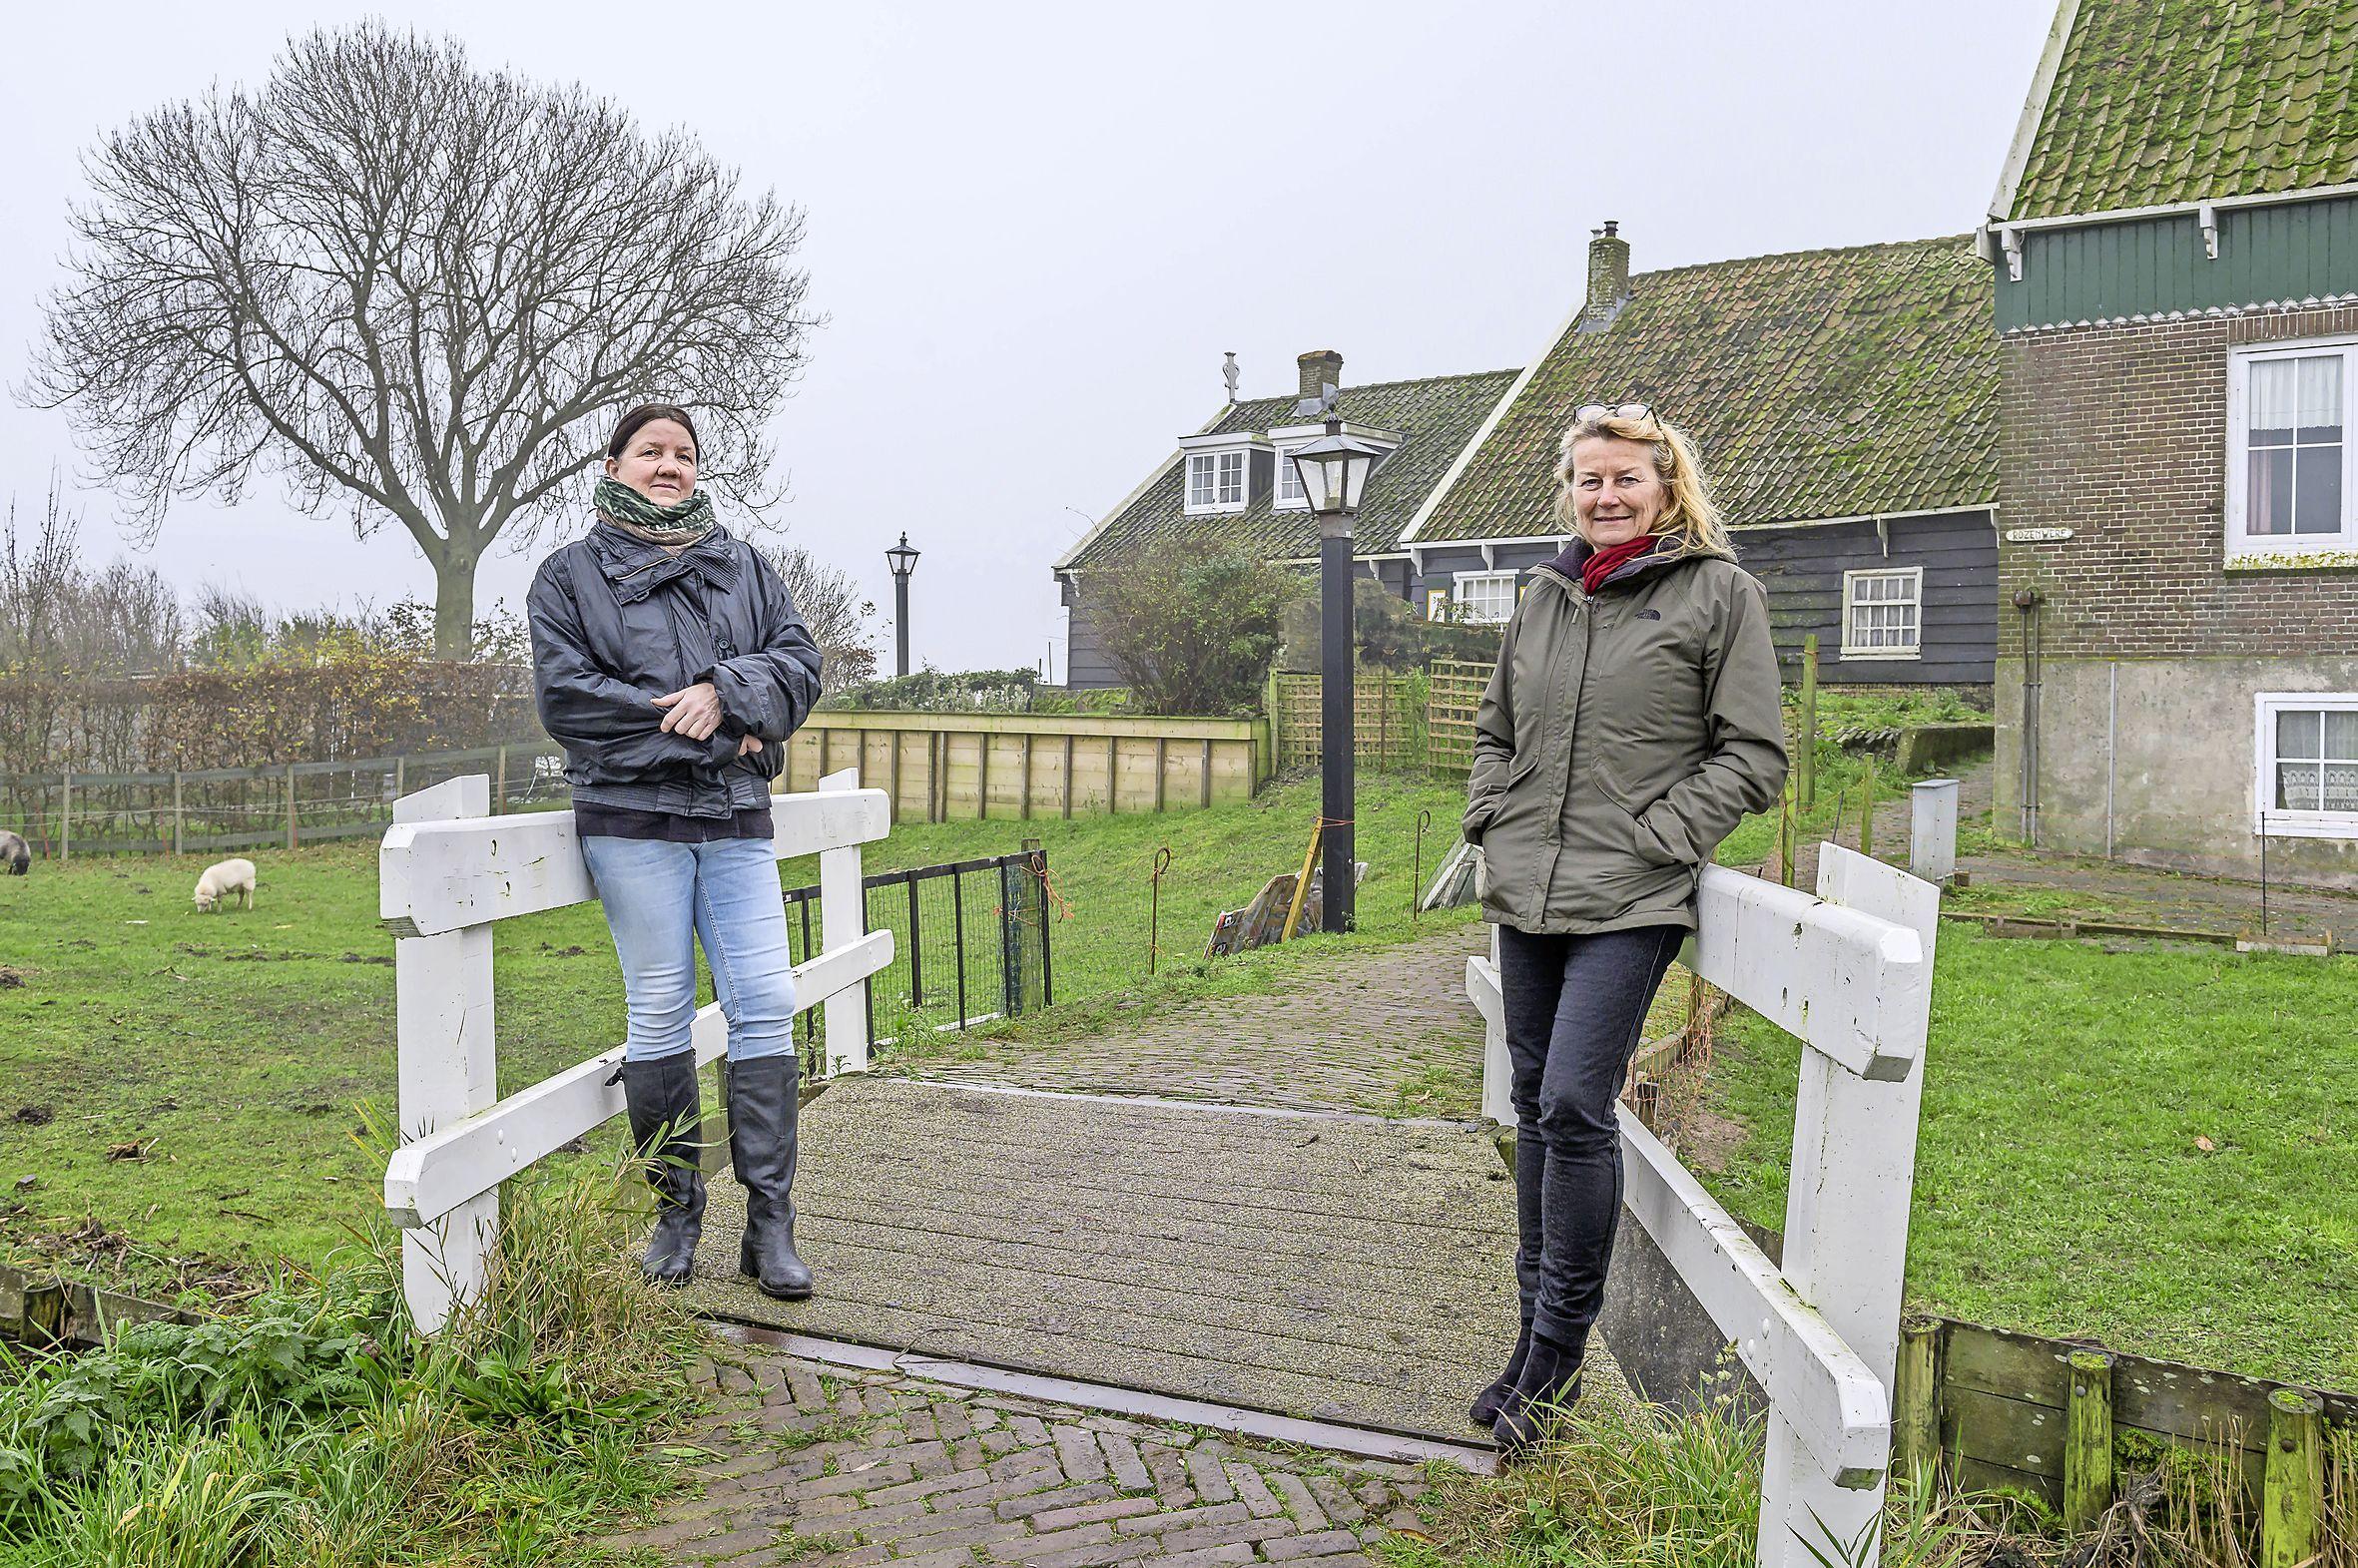 Eilandbewoners vrezen steeds meer 'weekendhuisjes' voor mensen van buiten: 'De ziel verdwijnt uit Marken'